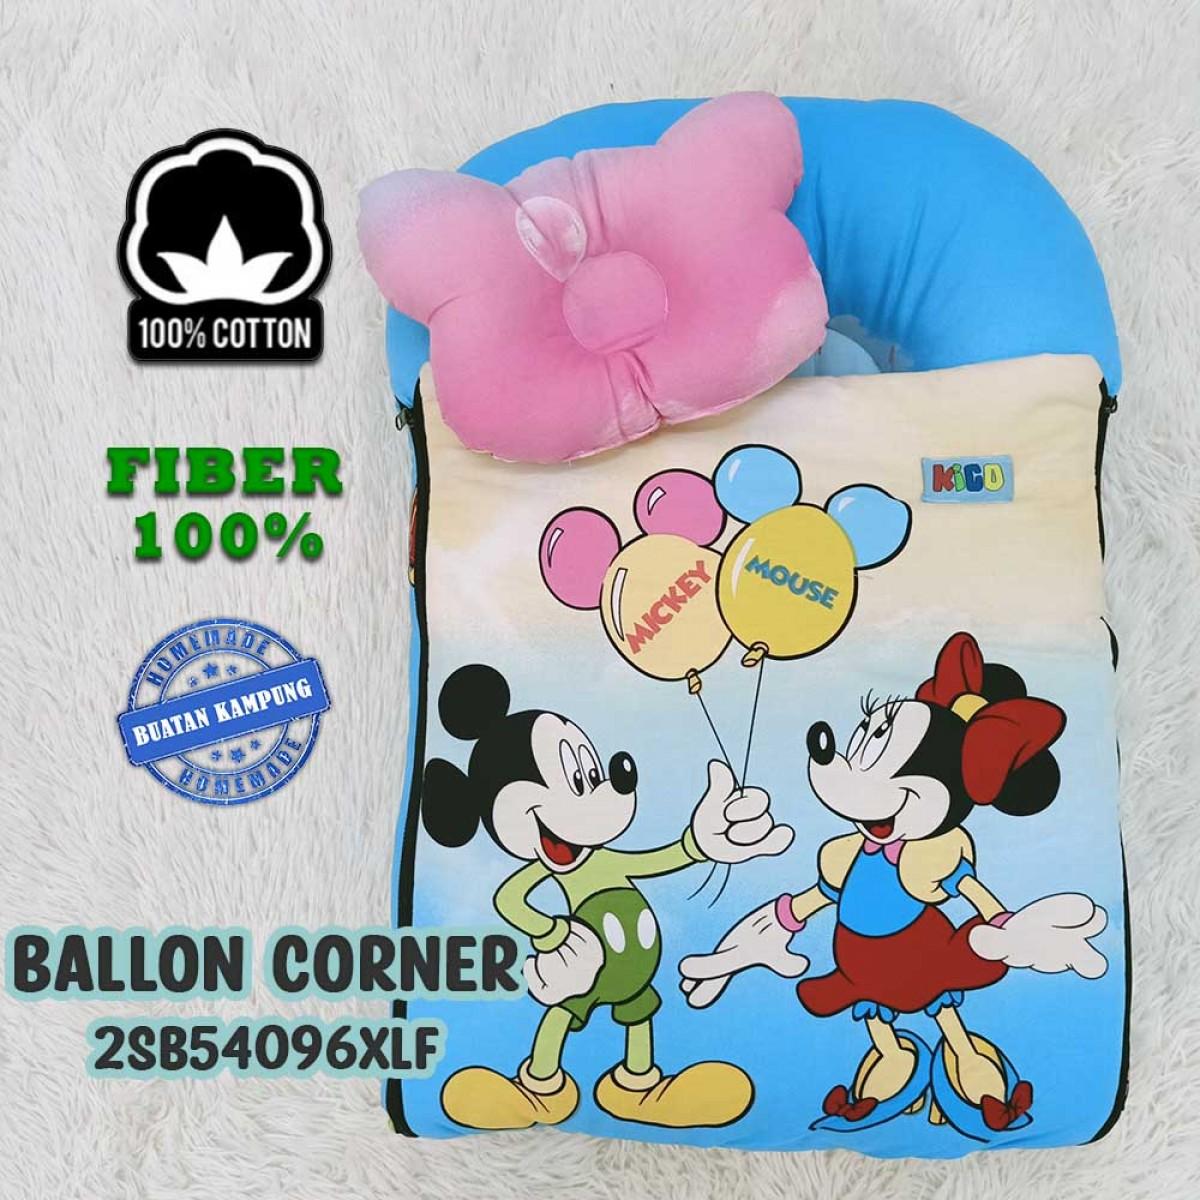 Ballon Corner - Kico Baby Center